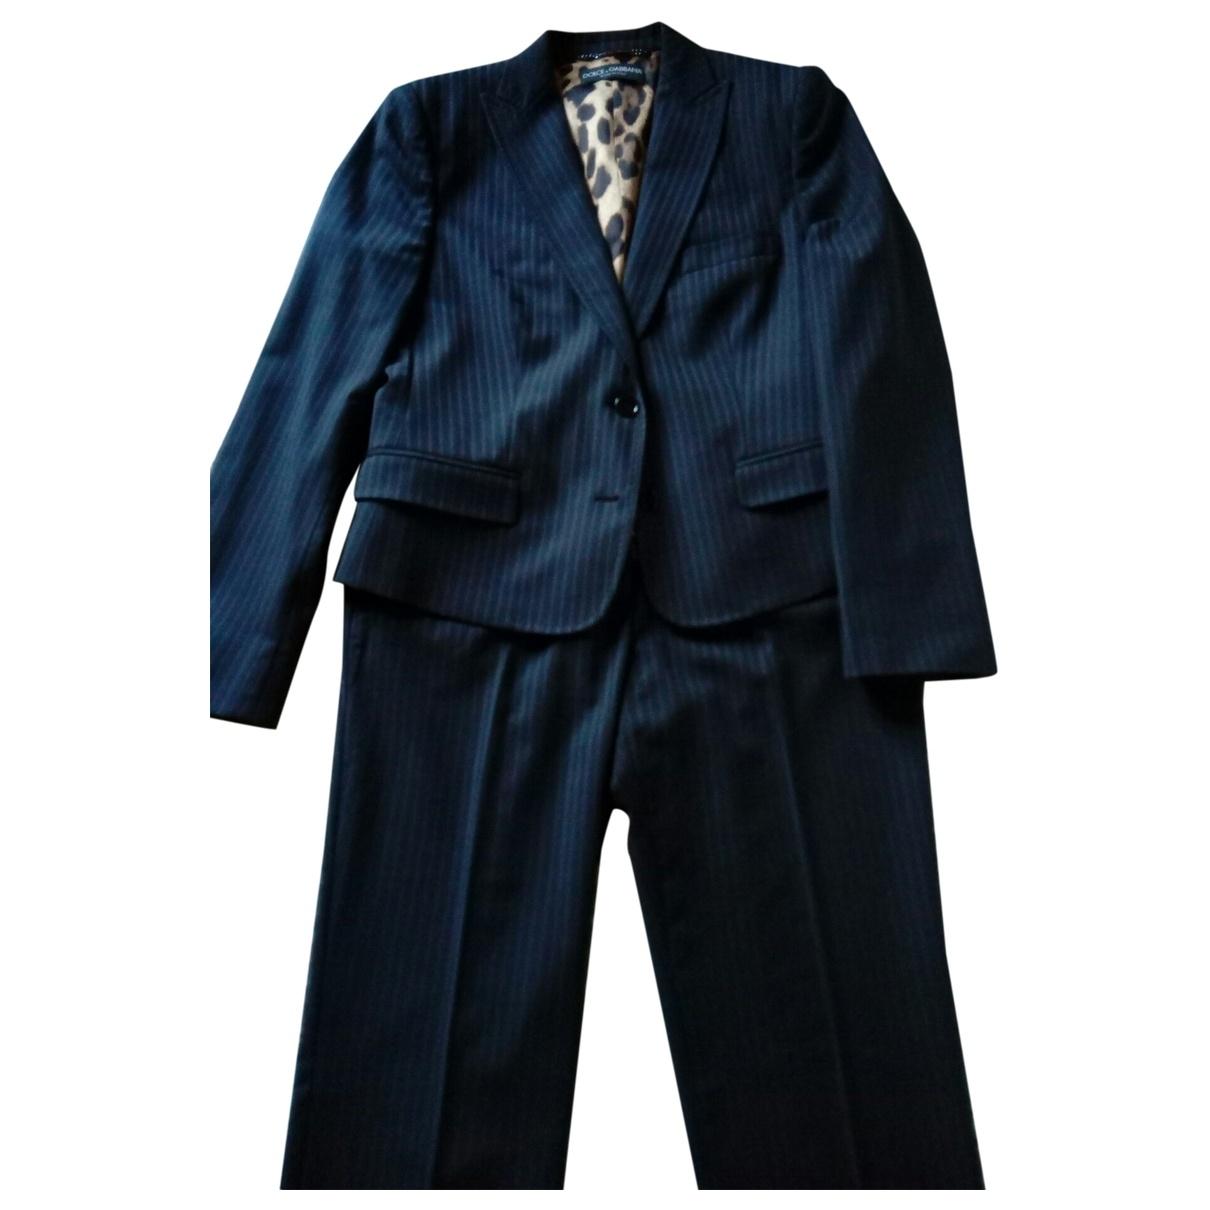 Dolce & Gabbana \N Navy jacket for Women 44 IT